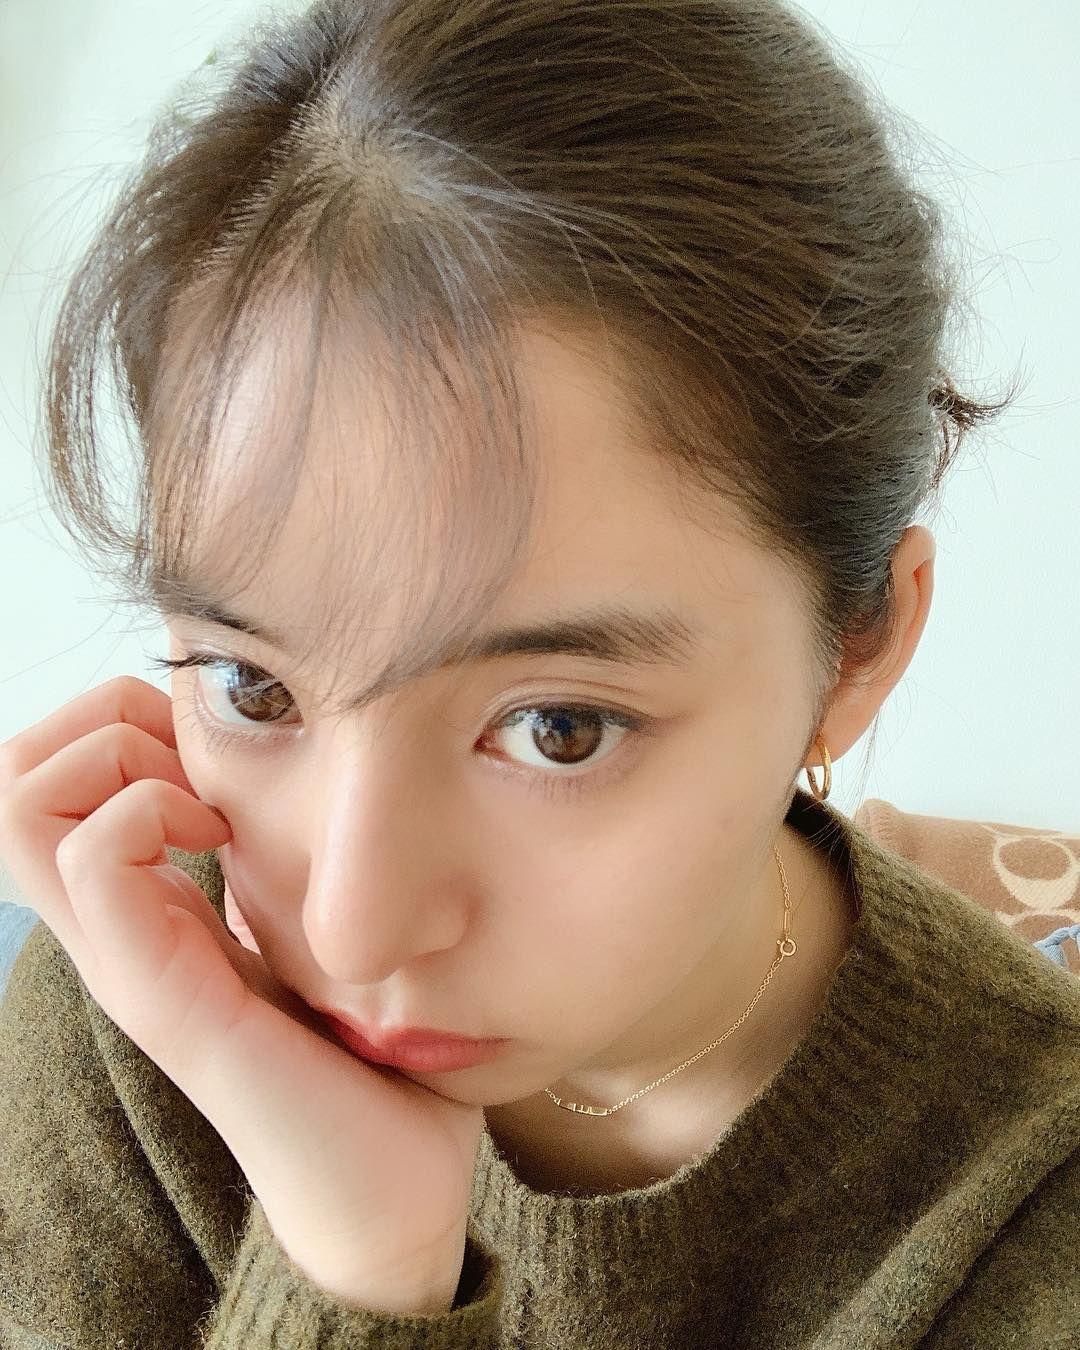 新木優子 on Instagram \u201c前髪のセットがすこーしうまくいった日